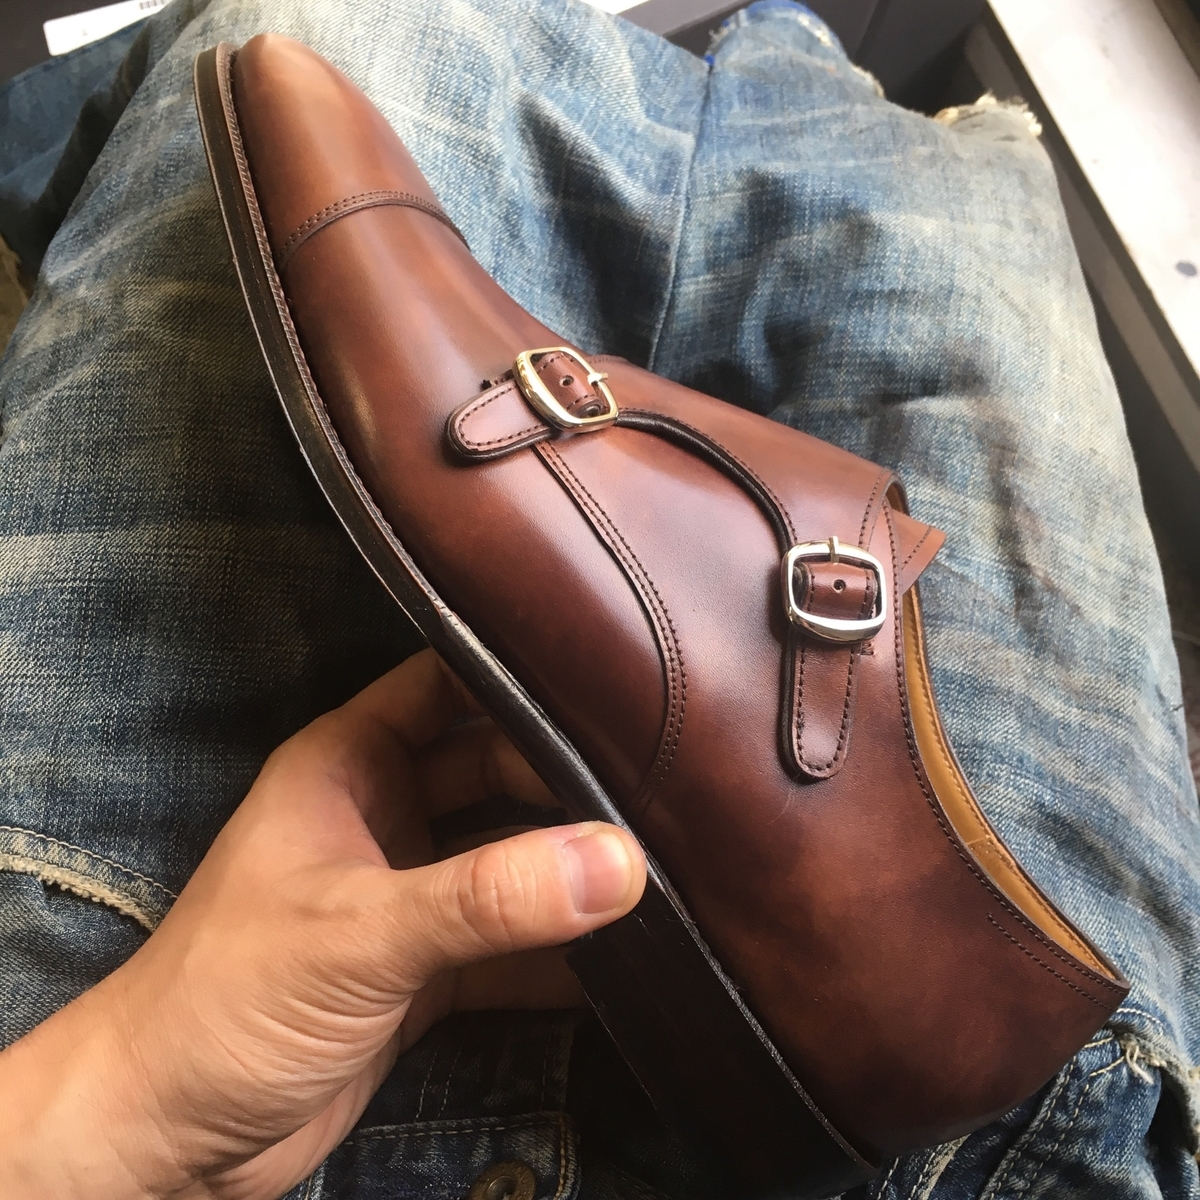 f:id:raymar-shoes:20190917215430j:plain